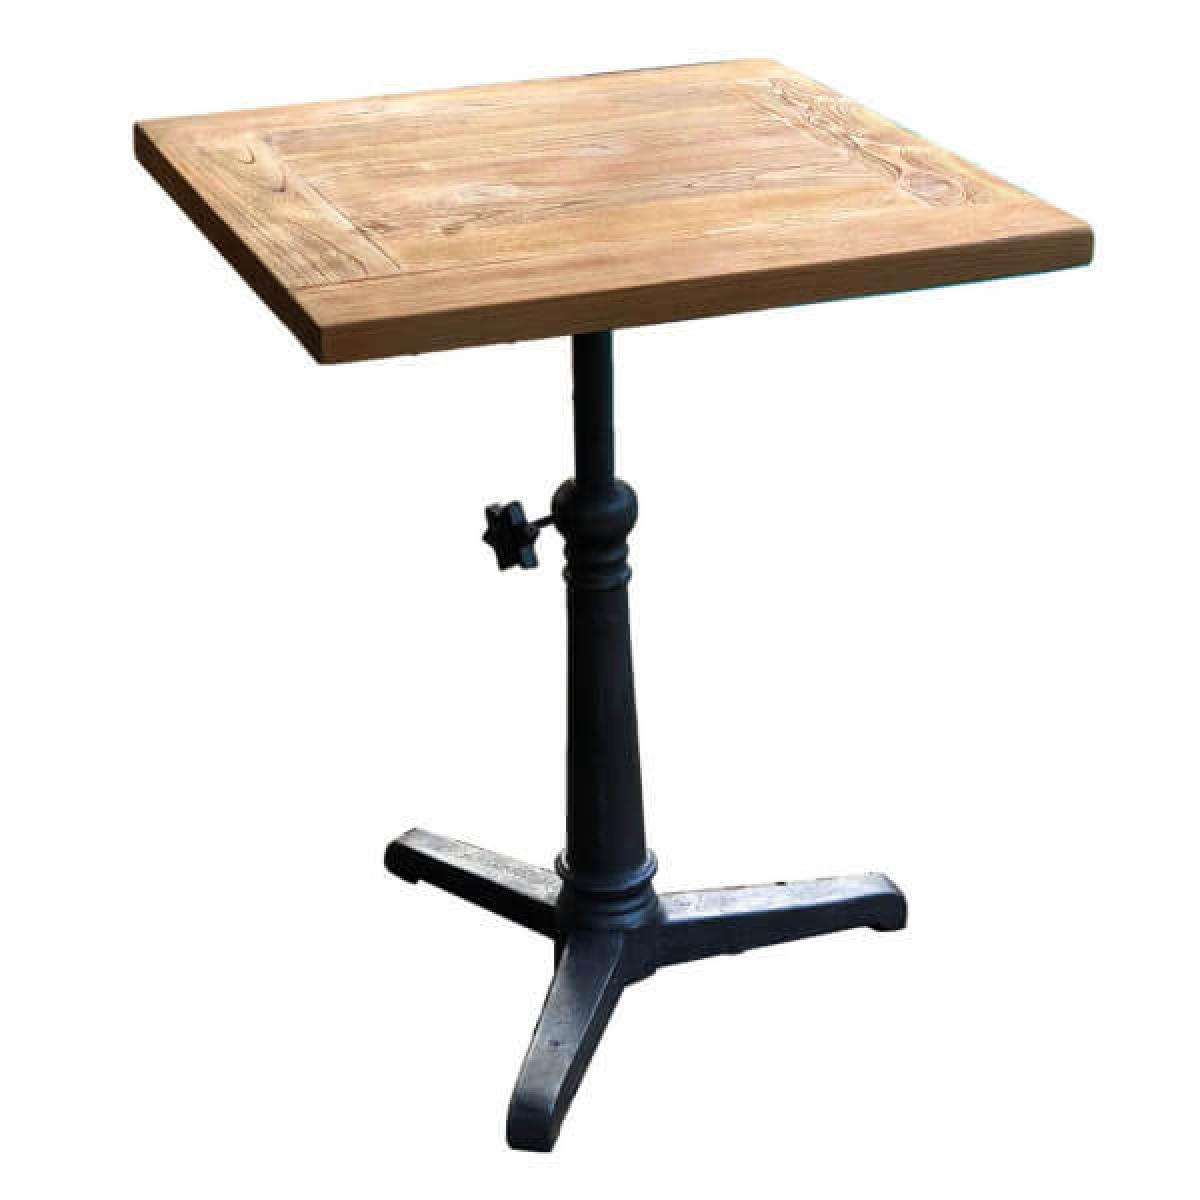 Mathi Design BISTROT 70 - Table hauteur réglable bois massif